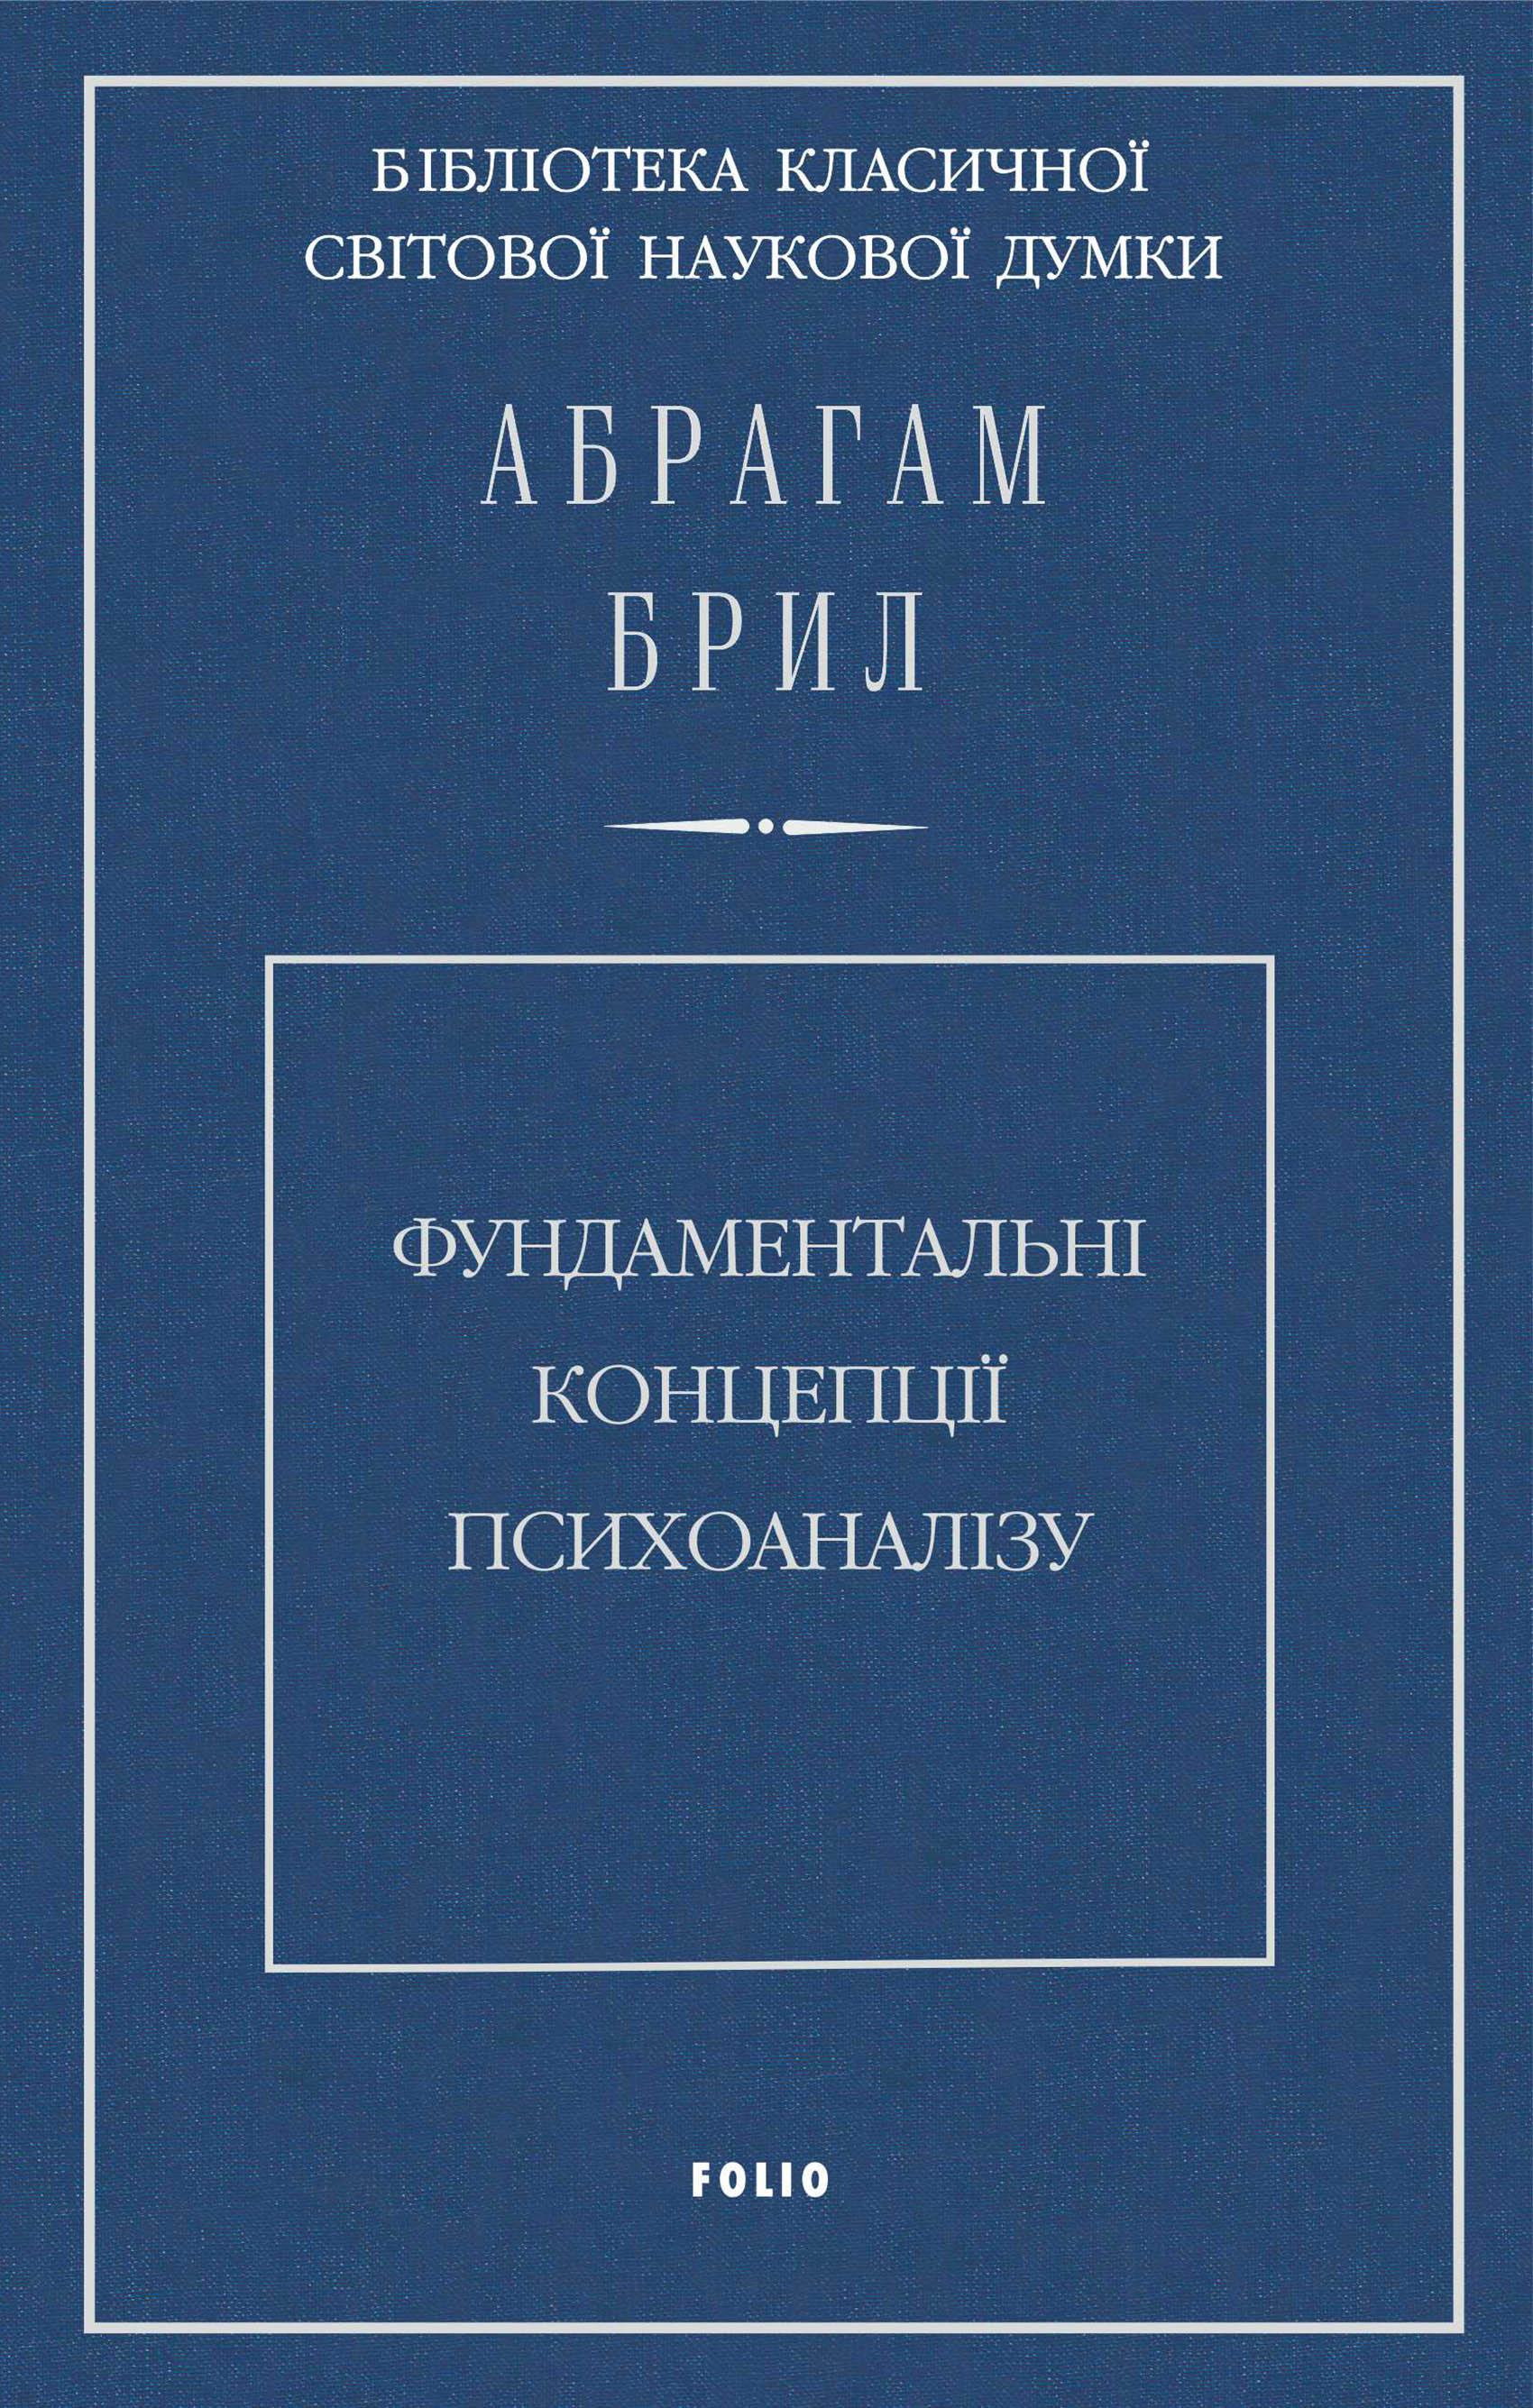 Купить книгу Фундаментальні концепції психоаналізу, автора Абрахама Брилла